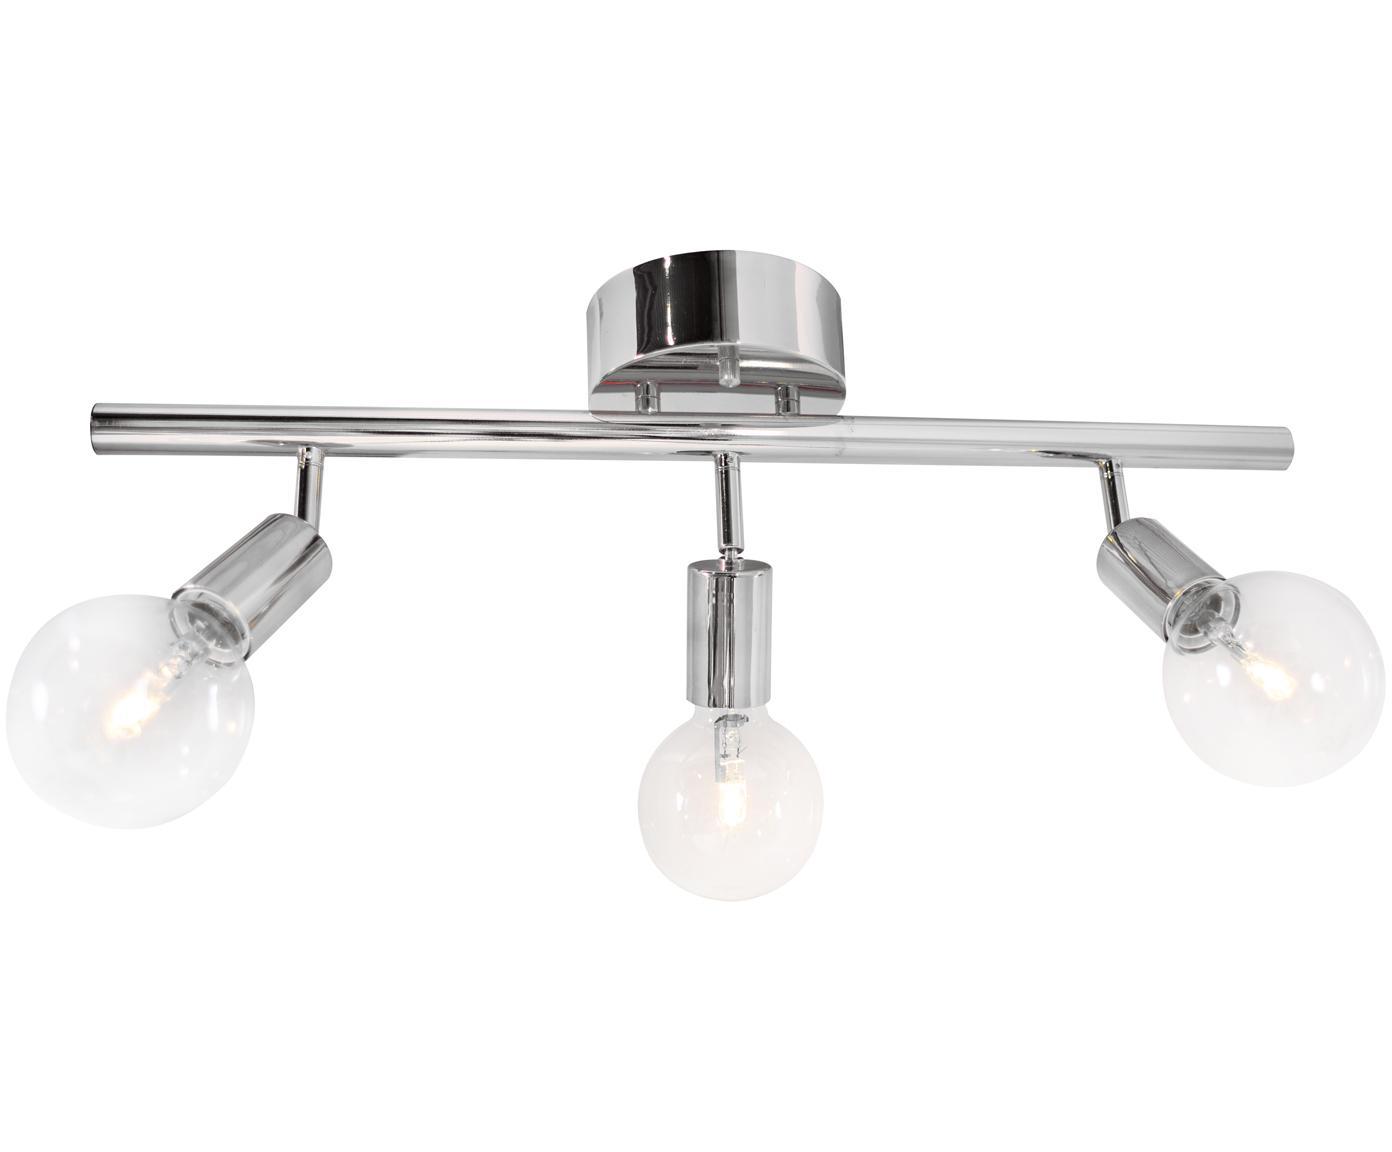 Lampa sufitowa Row, Metal chromowany, Chrom, S 60 x W 20 cm